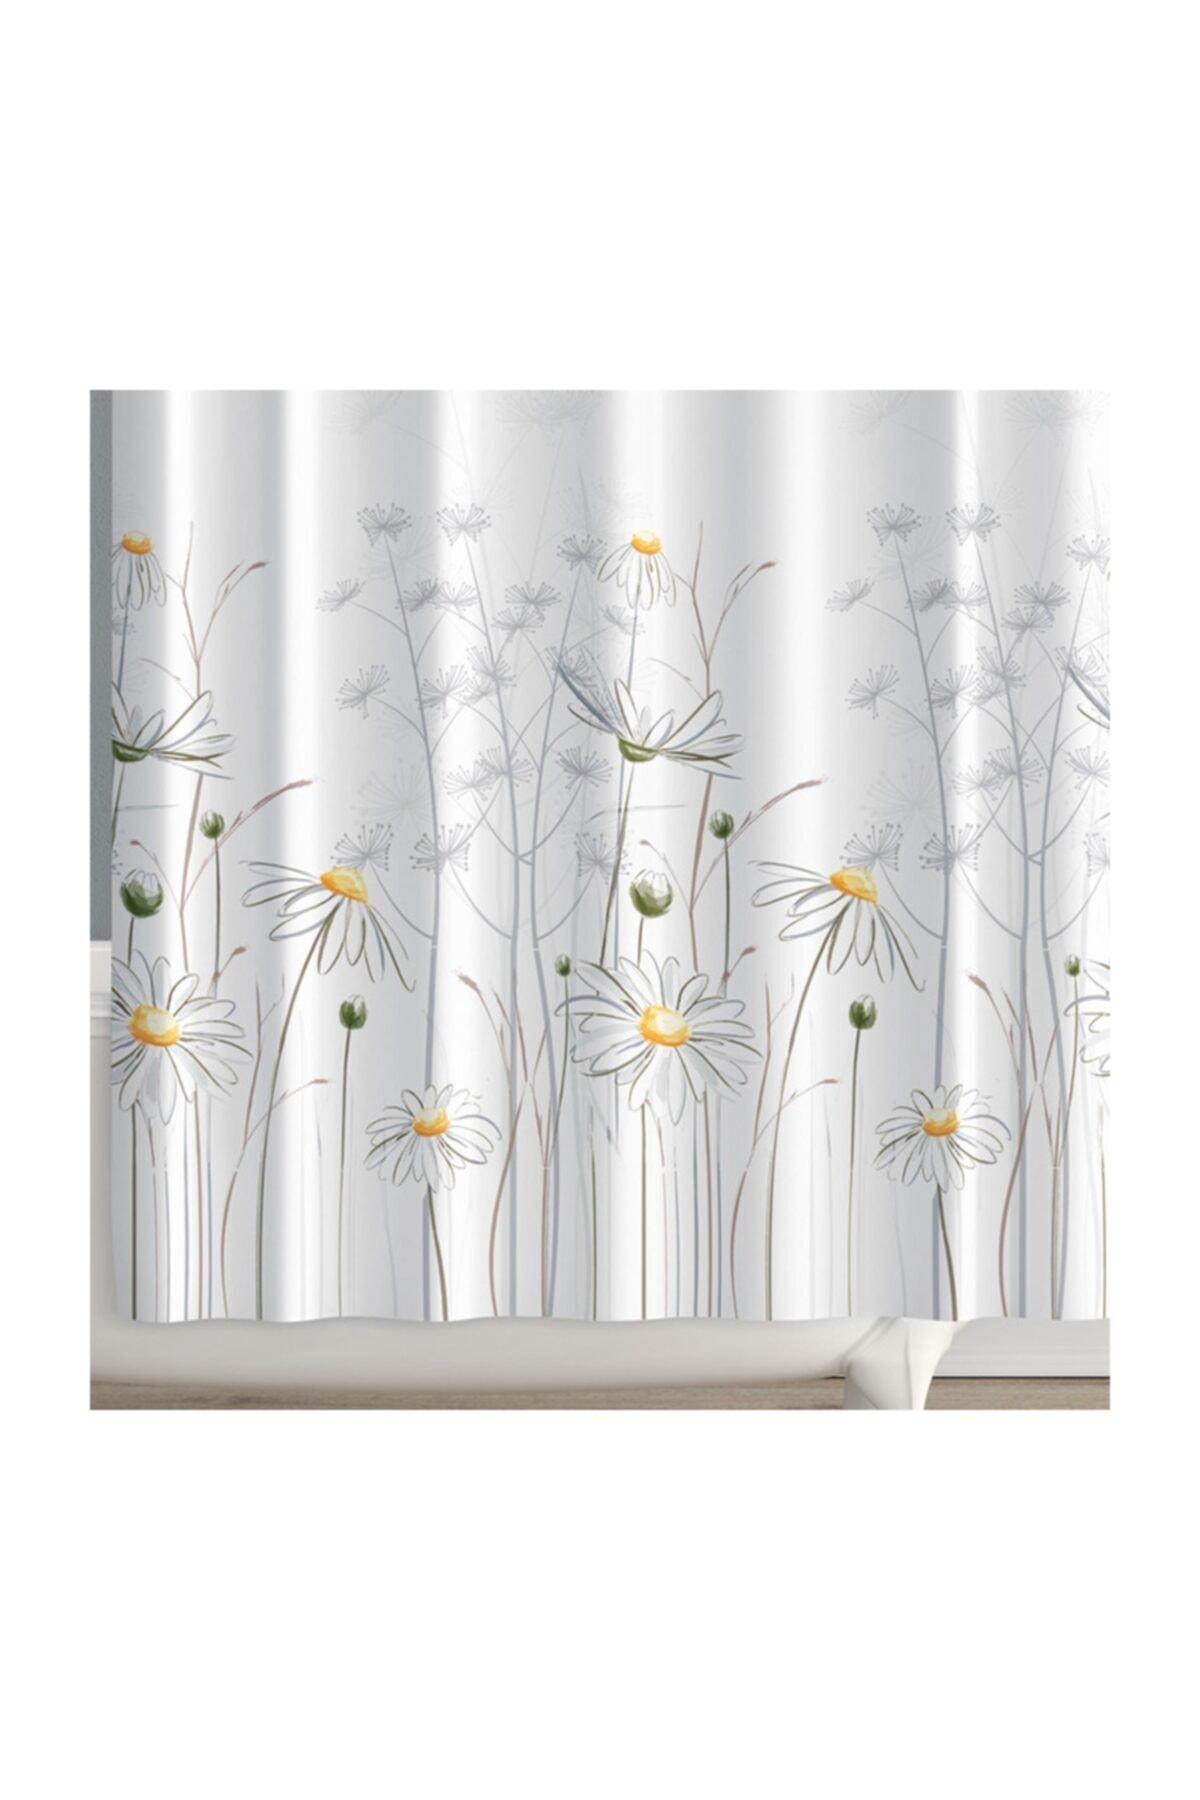 Beyaz Daisy Banyo Perdesi + Askı 180x200 cm